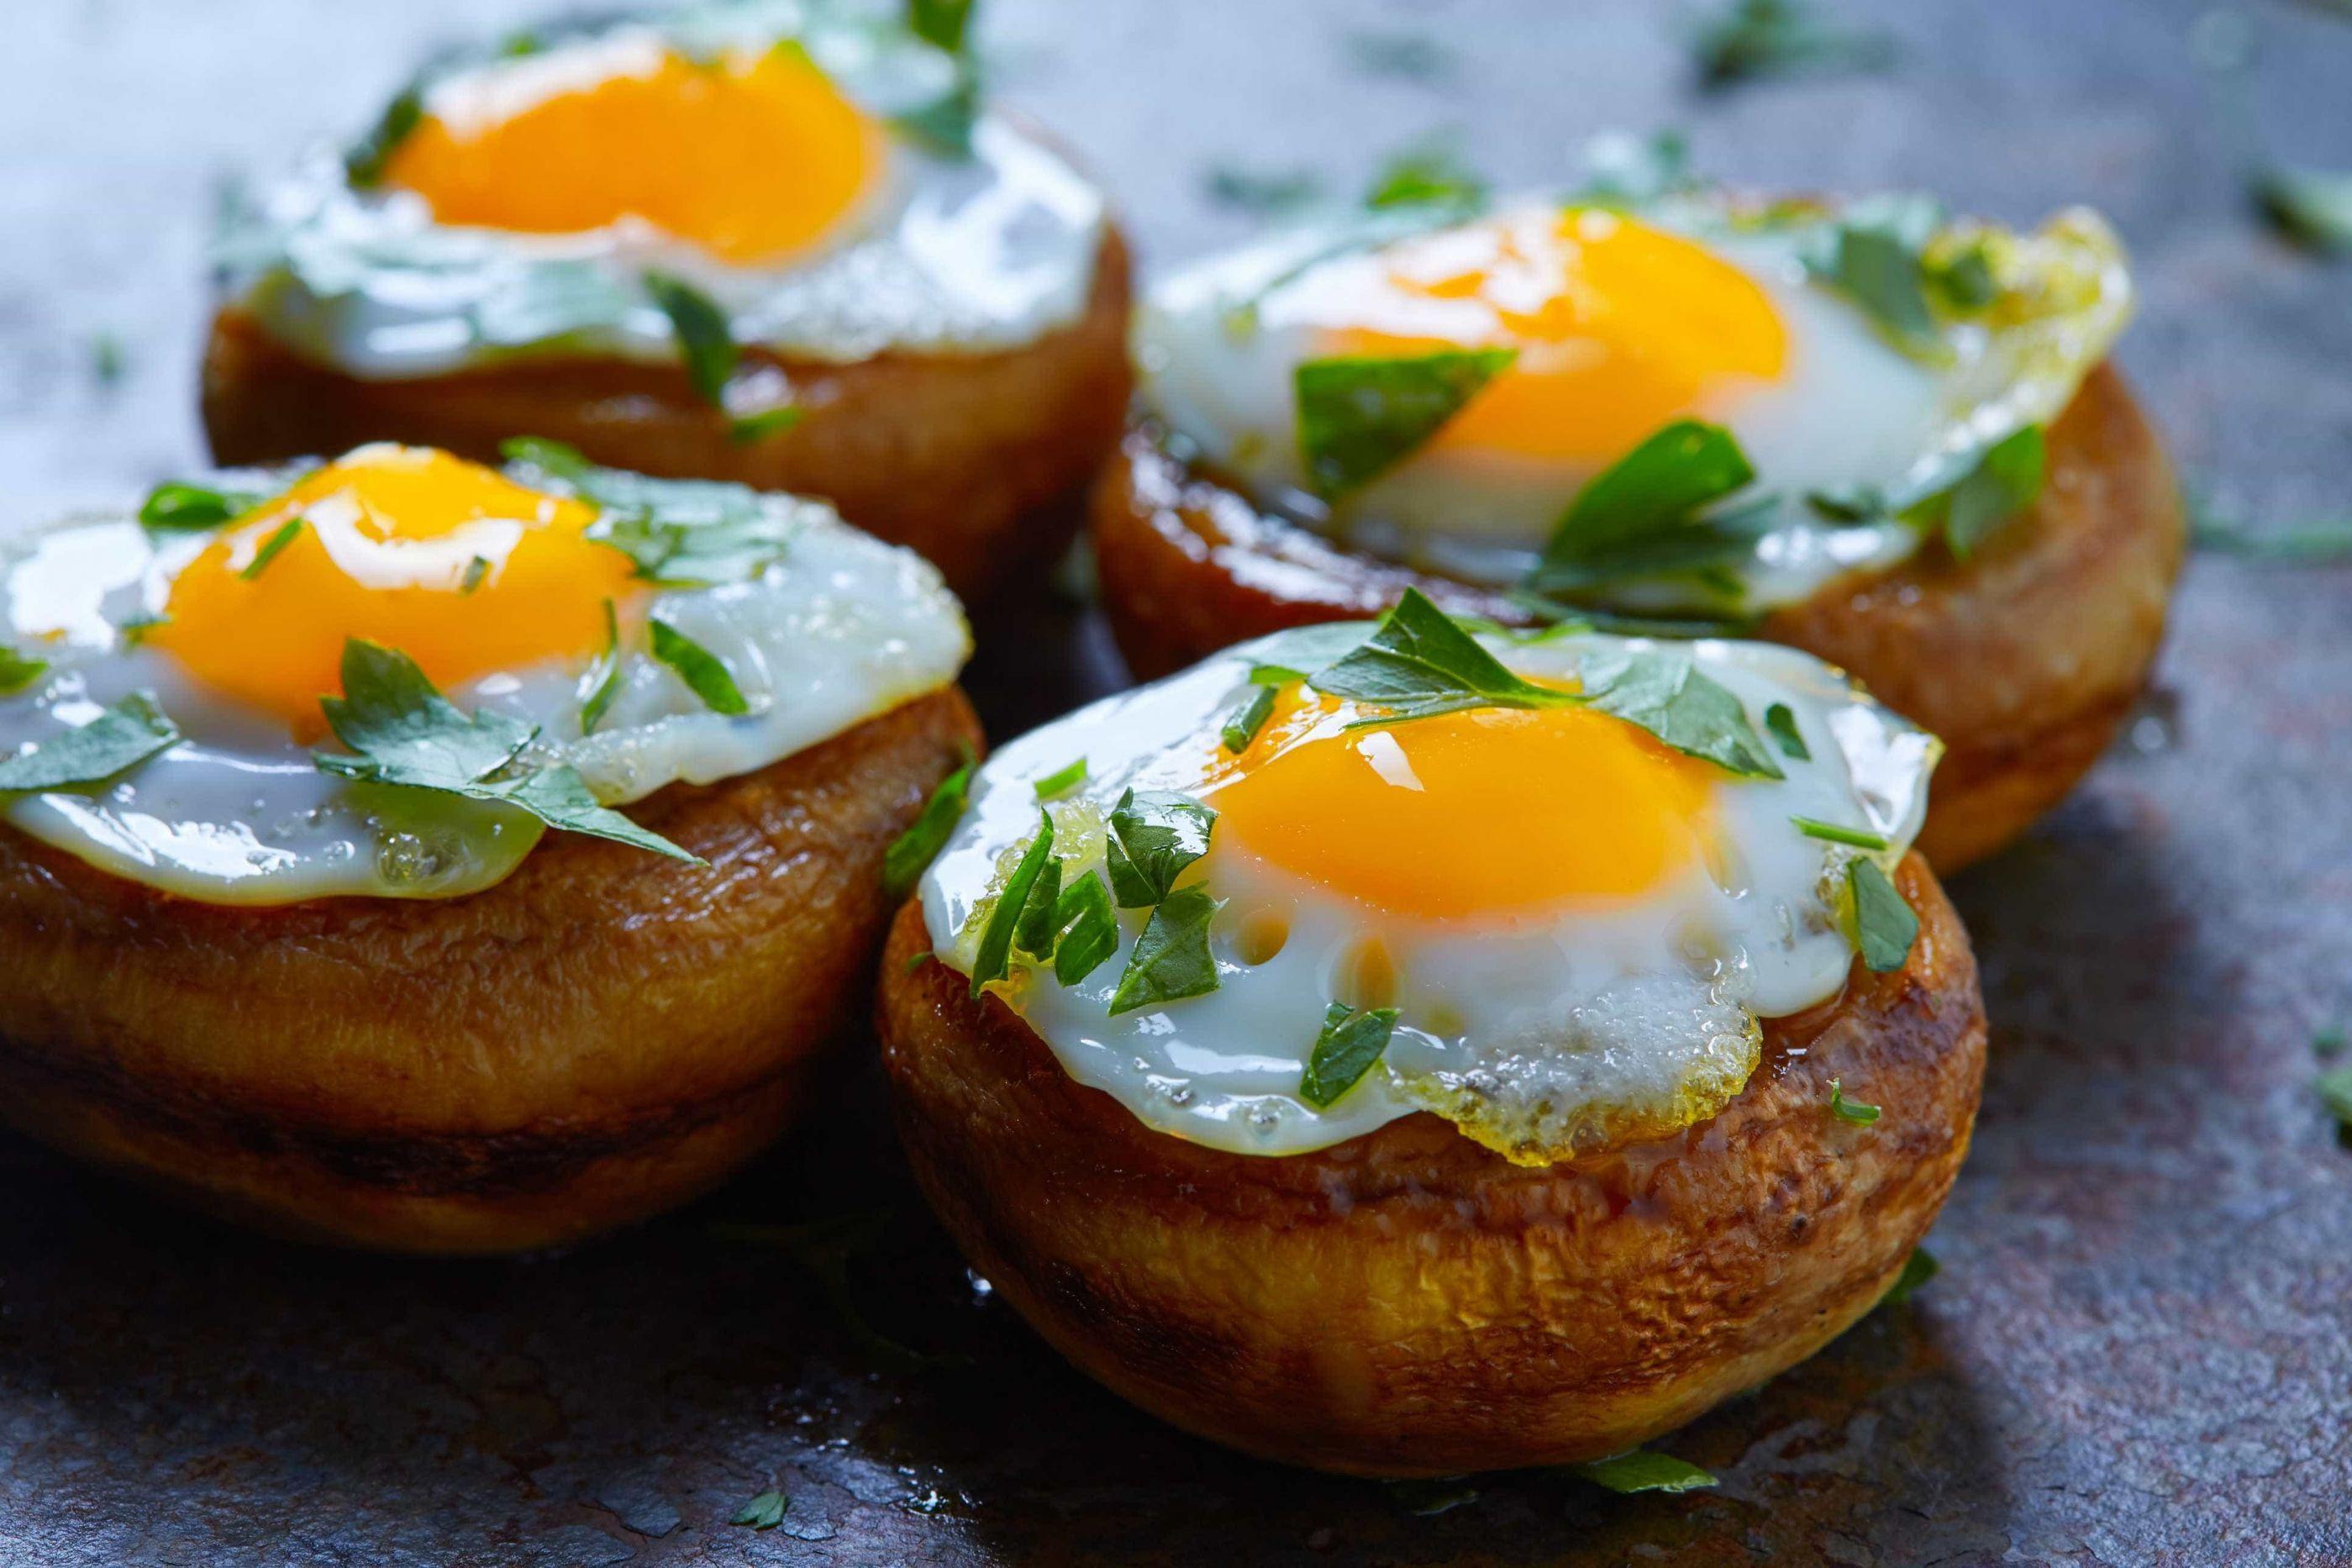 Qual a forma mais saudável de fazer o ovo: cozido, mexido ou estrelado?